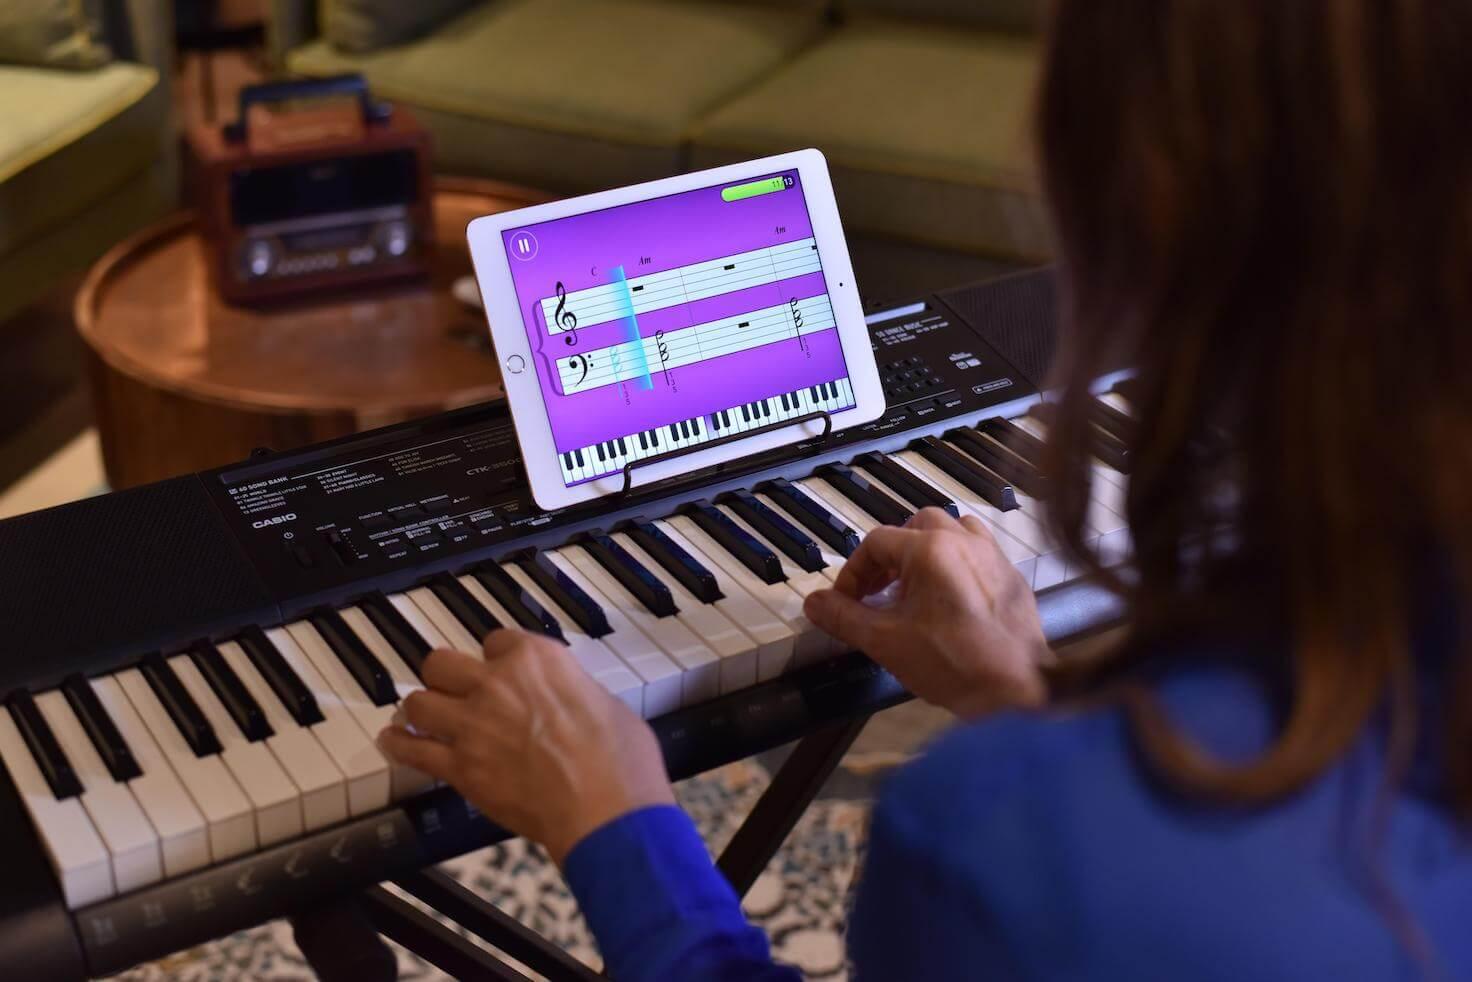 مدرس البيانو الخاص بك ببساطة البيانو بواسطة JoyTunes